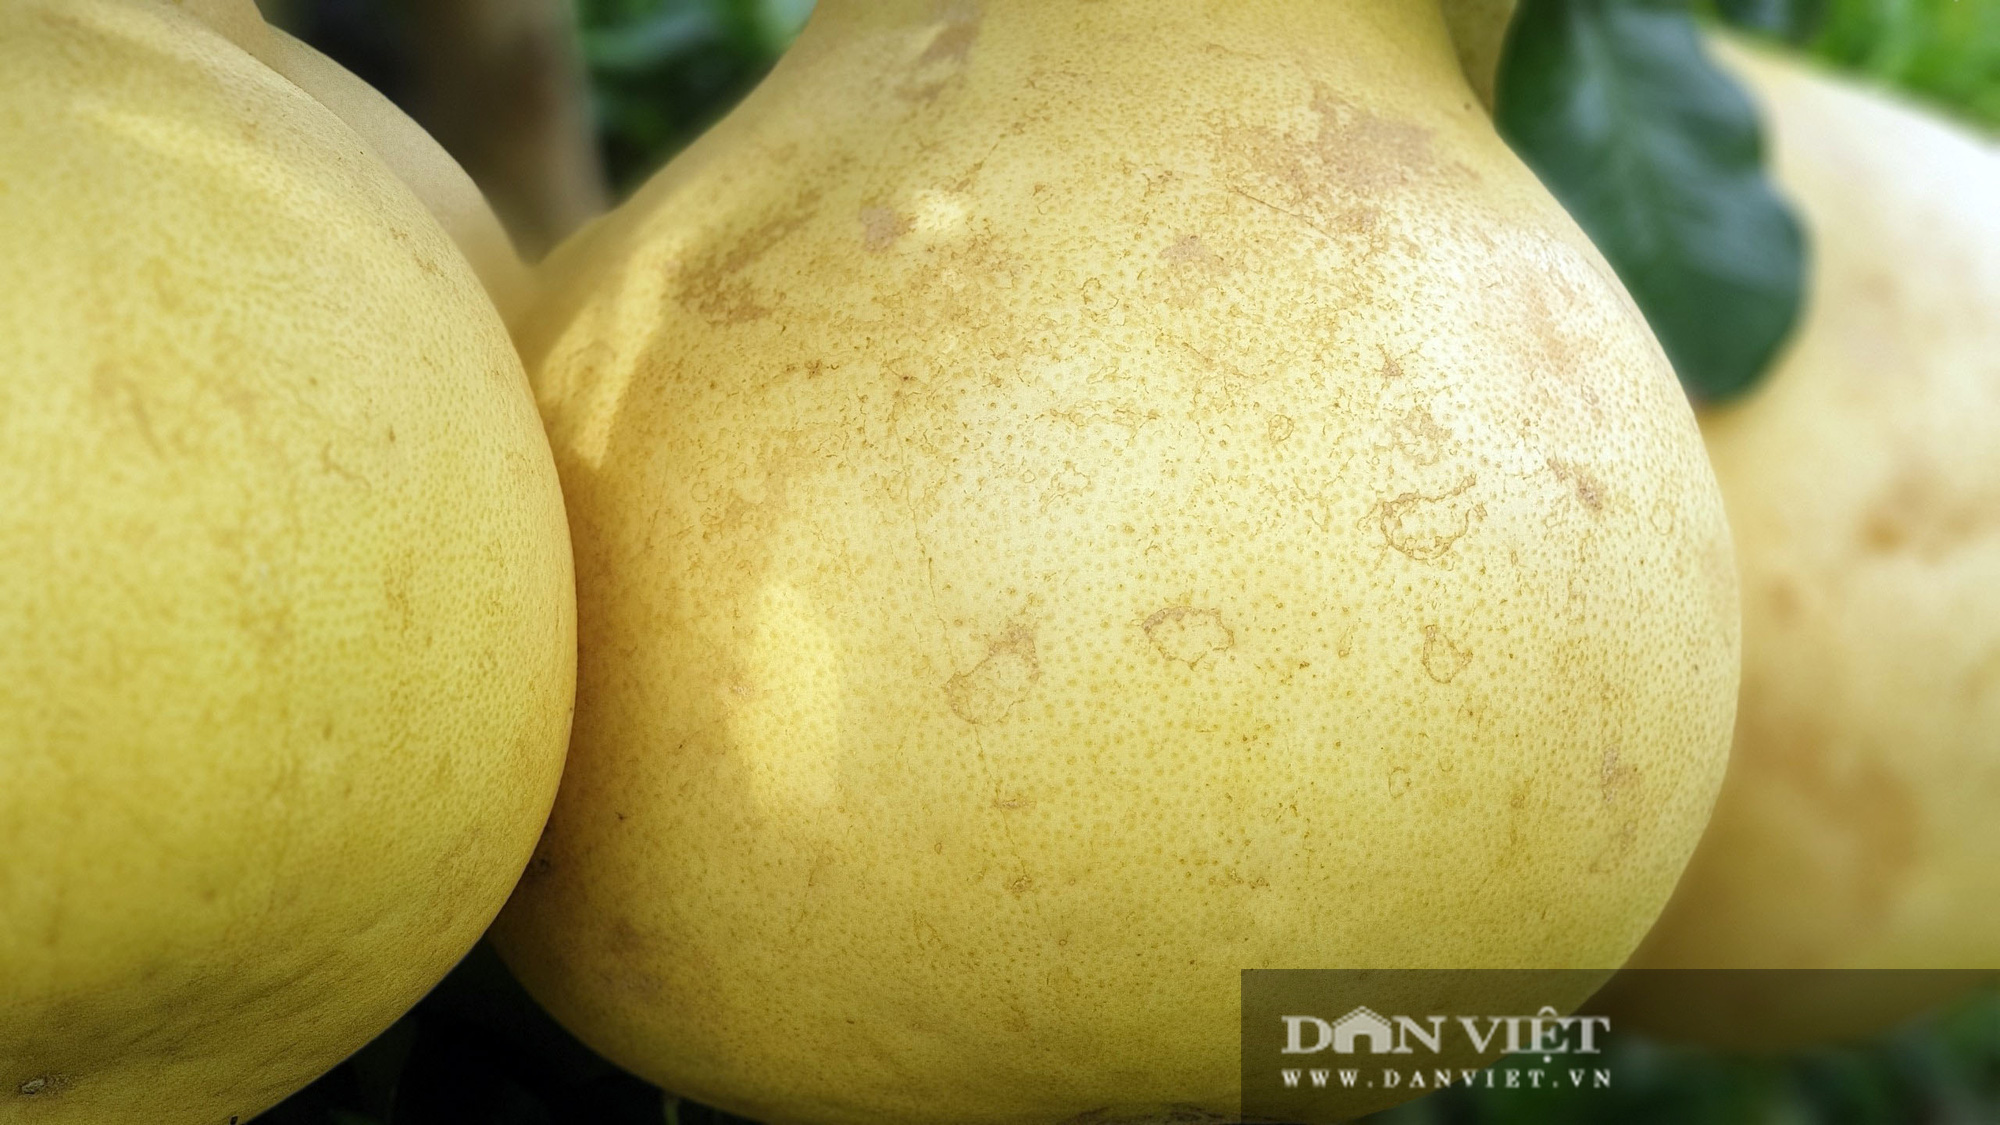 Rất lạ: Trái bưởi màu hồng rất to, treo từng chùm trong vườn nhìn đã mắt ở miền Tây - Ảnh 2.